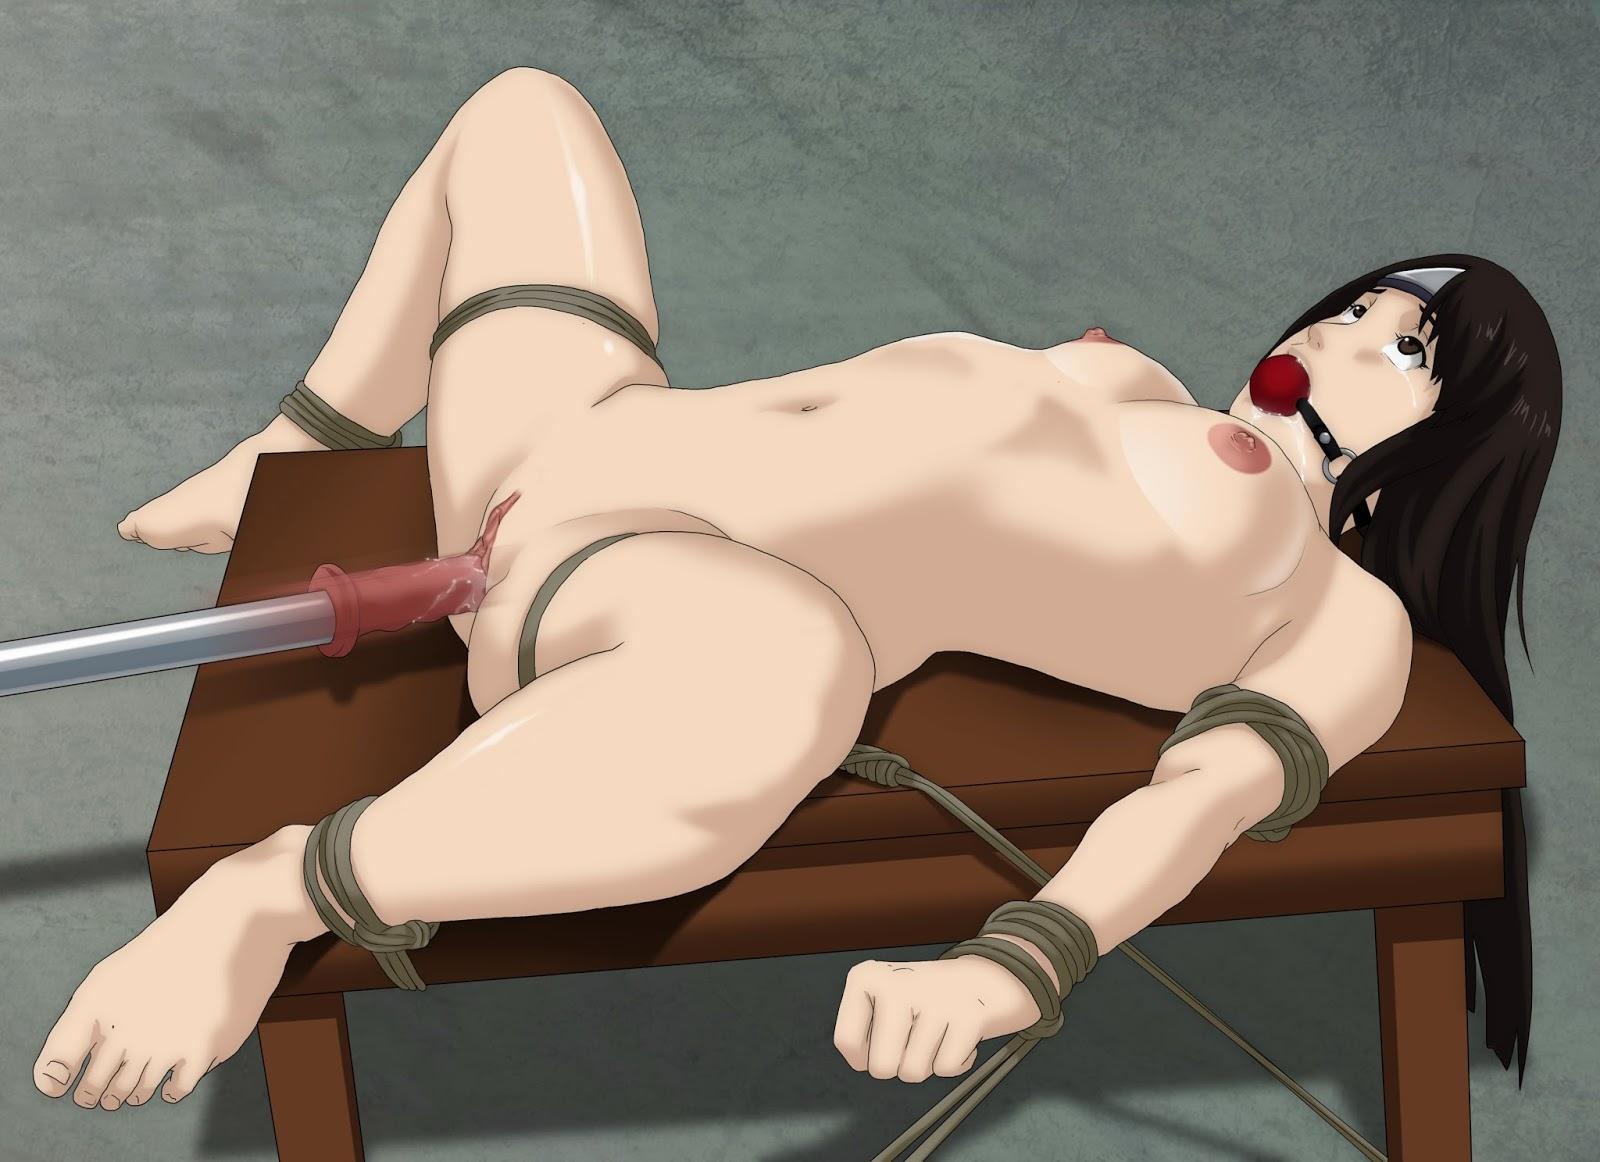 ПЕРДОС  Бесплатное порно онлайн